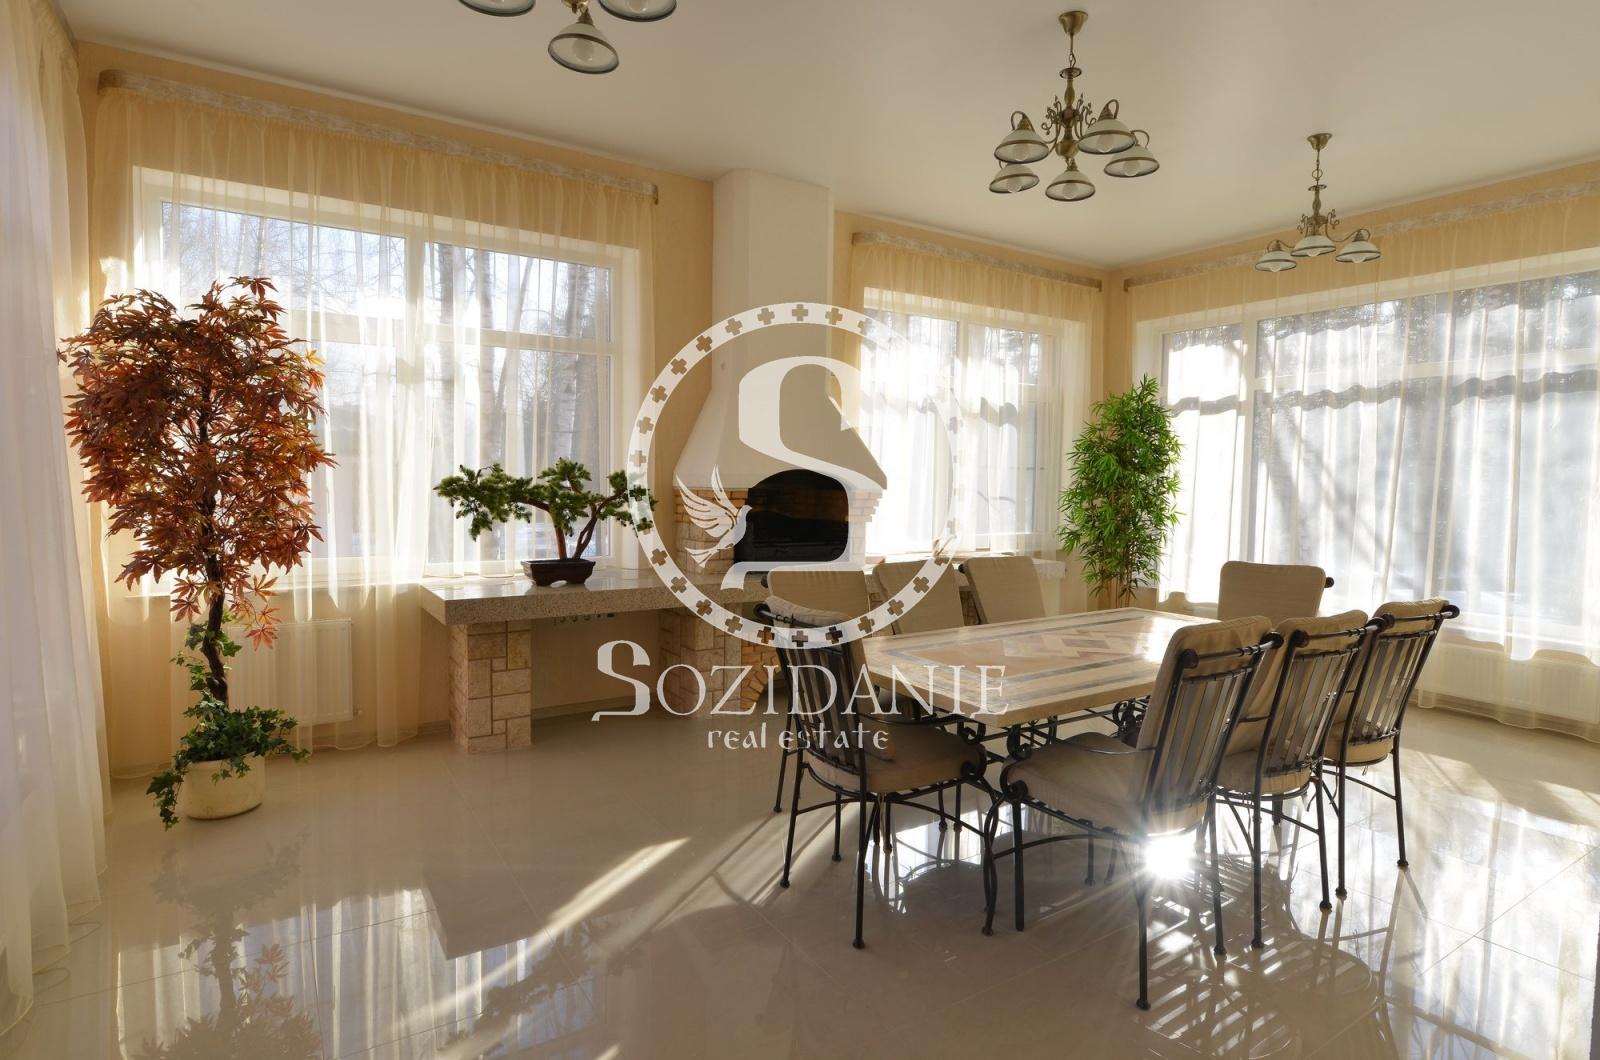 6 Bedrooms, Загородная, Продажа, Listing ID 1432, Московская область, Россия,